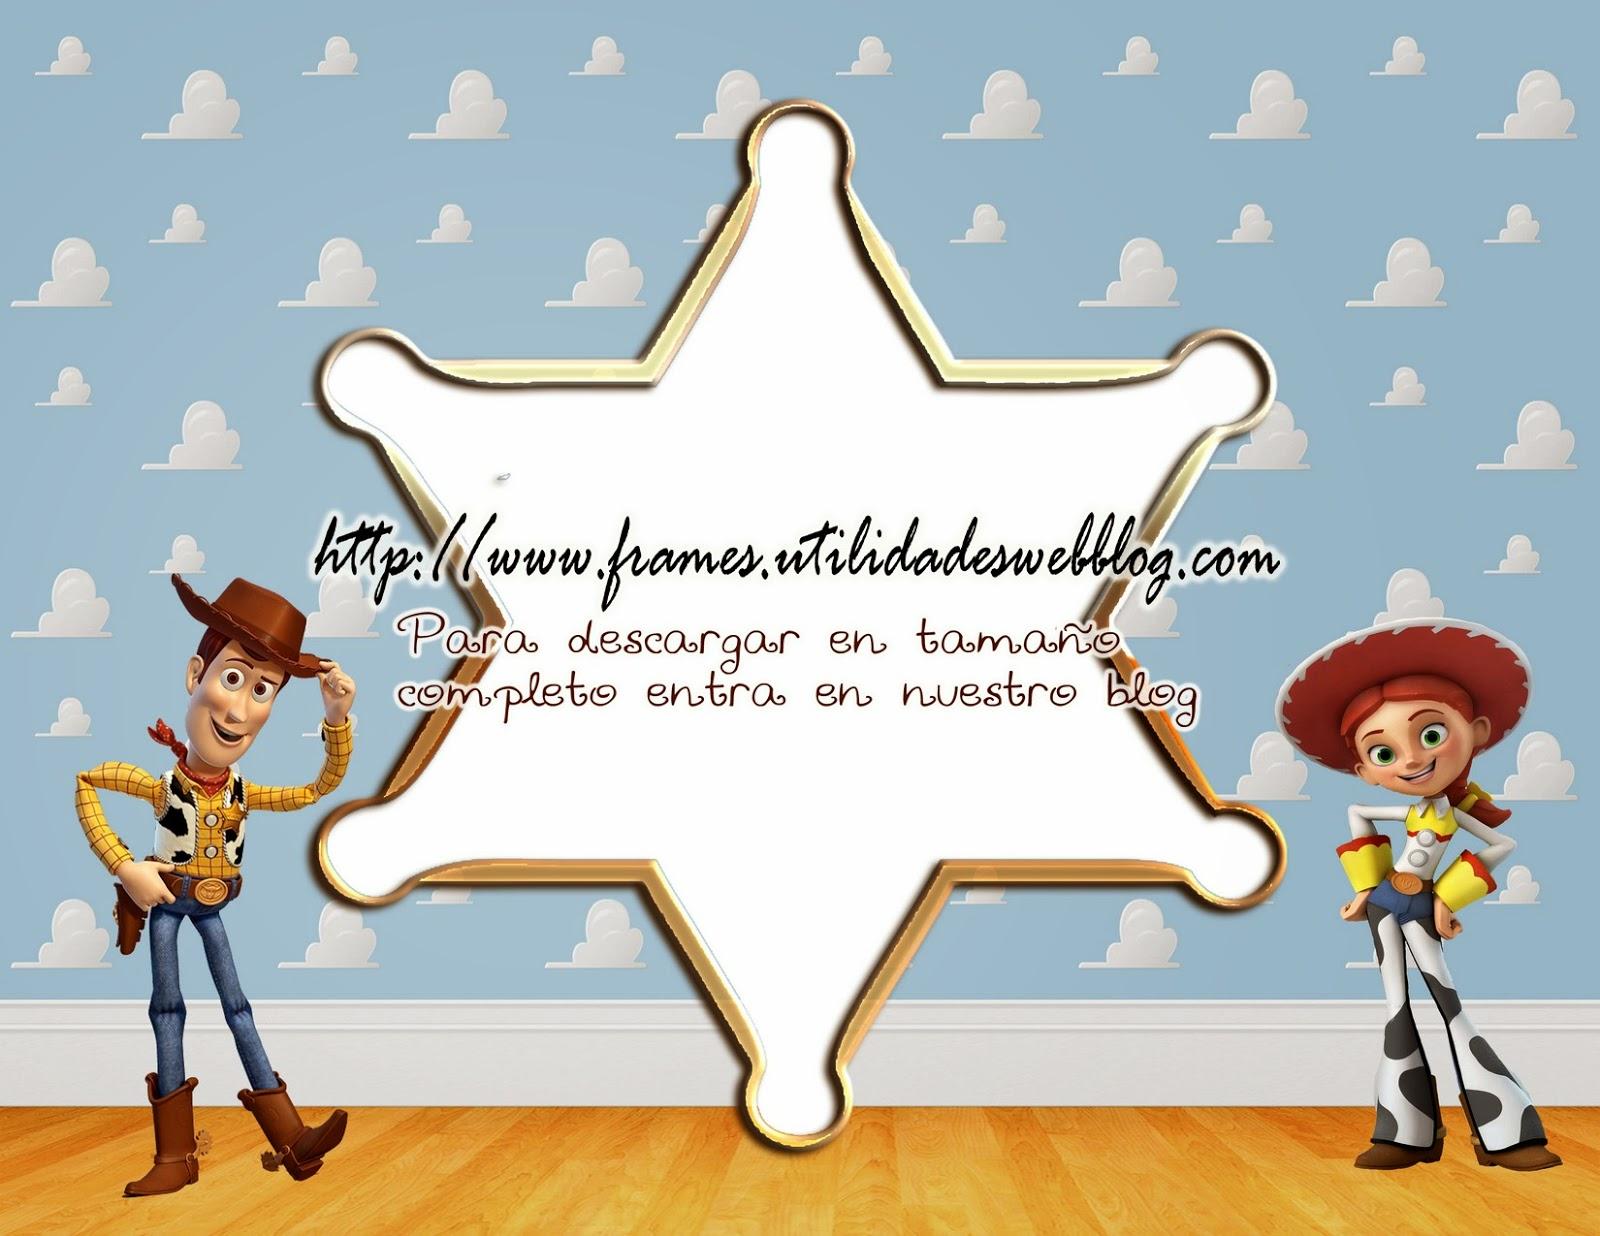 2 marcos para hacer fotomontajes de Woody y Jessie